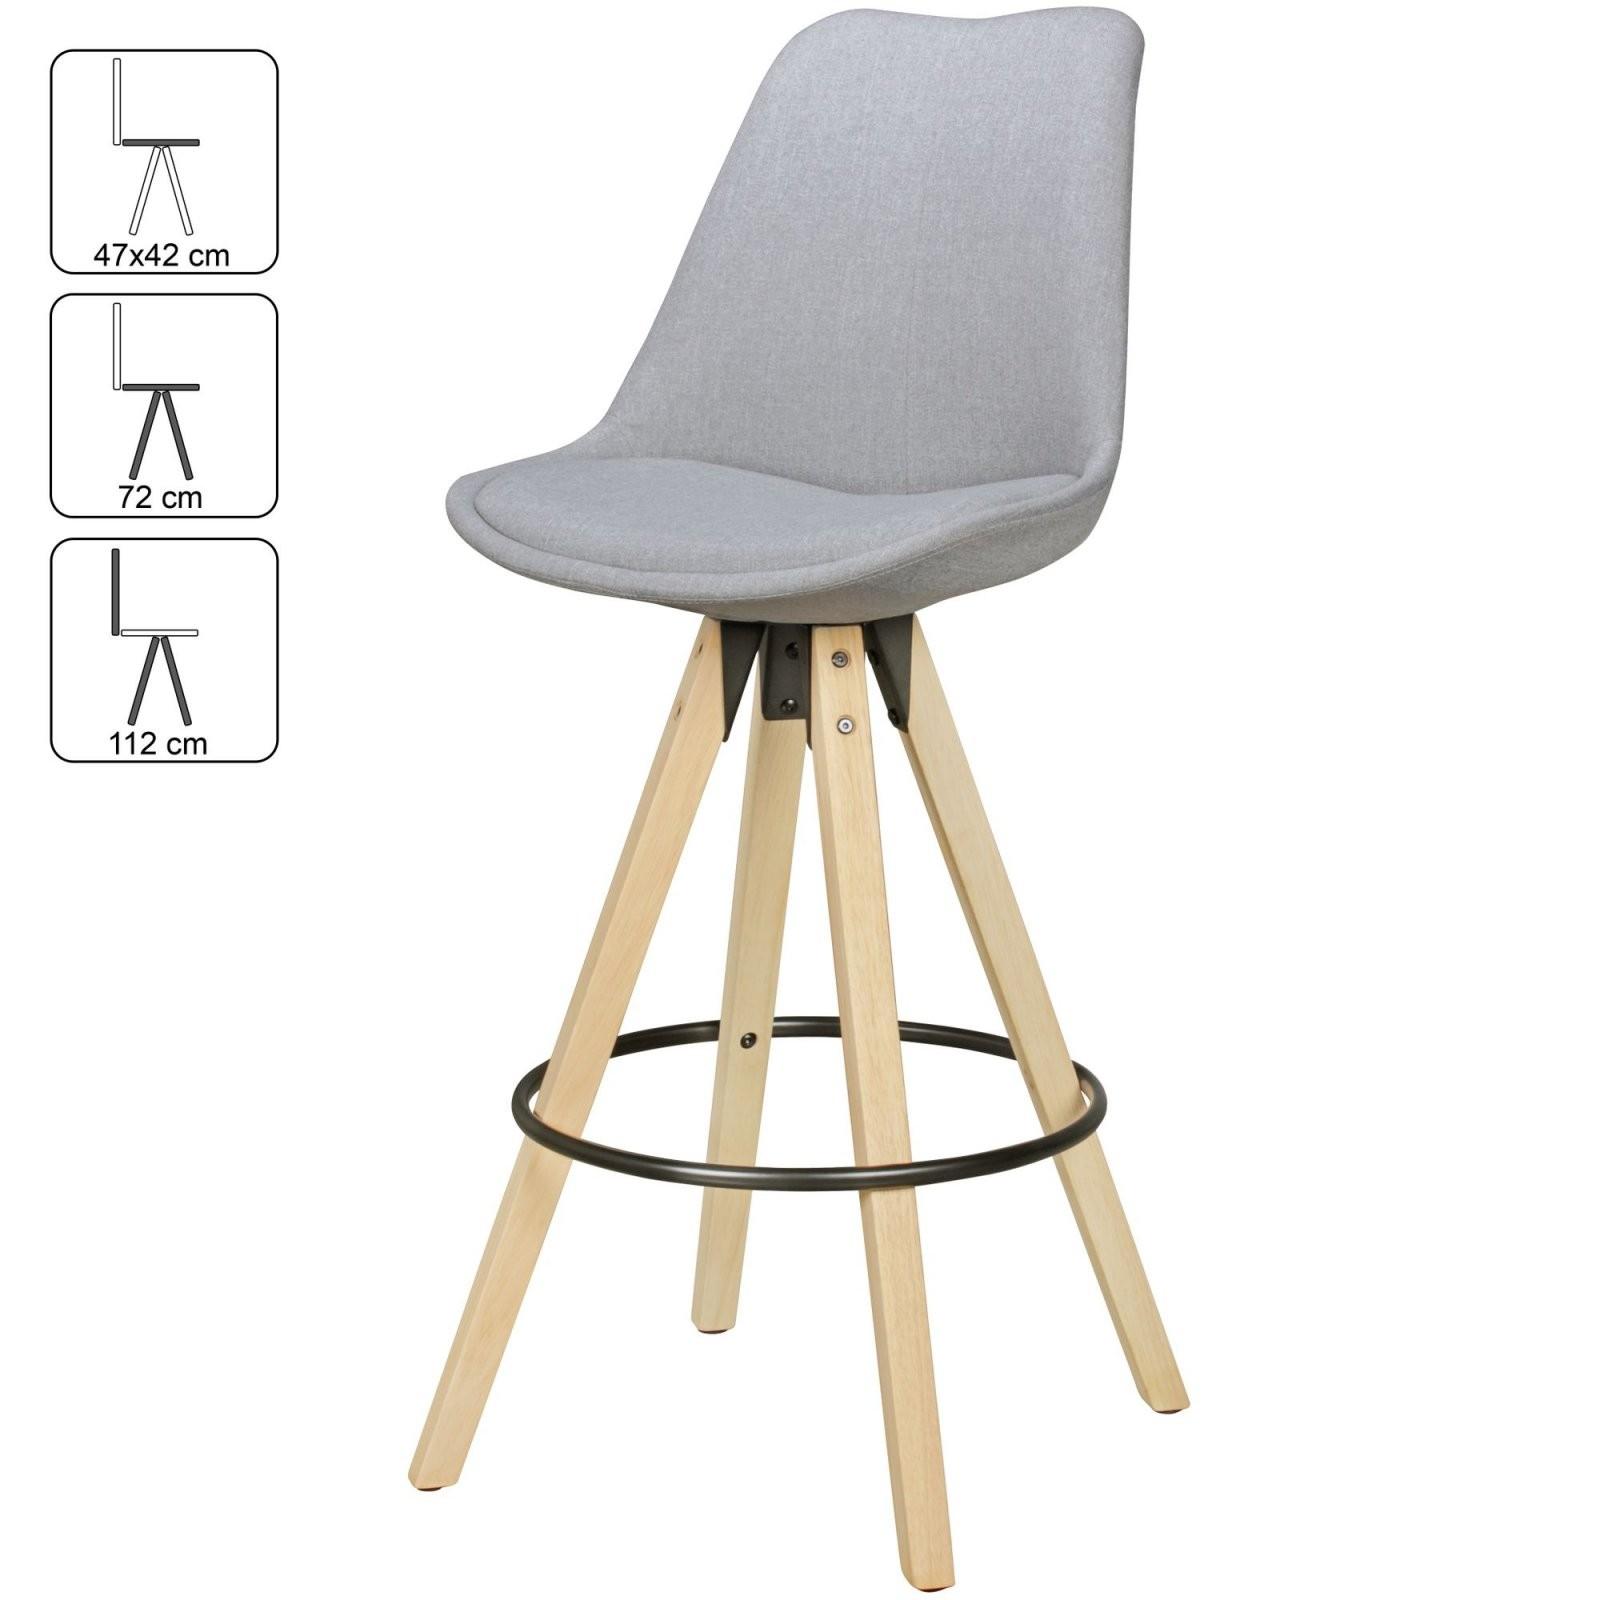 2Er Set Barhocker Retro Design Stoff Holz Mit Lehne Barstühle von Barhocker Grau Mit Lehne Photo